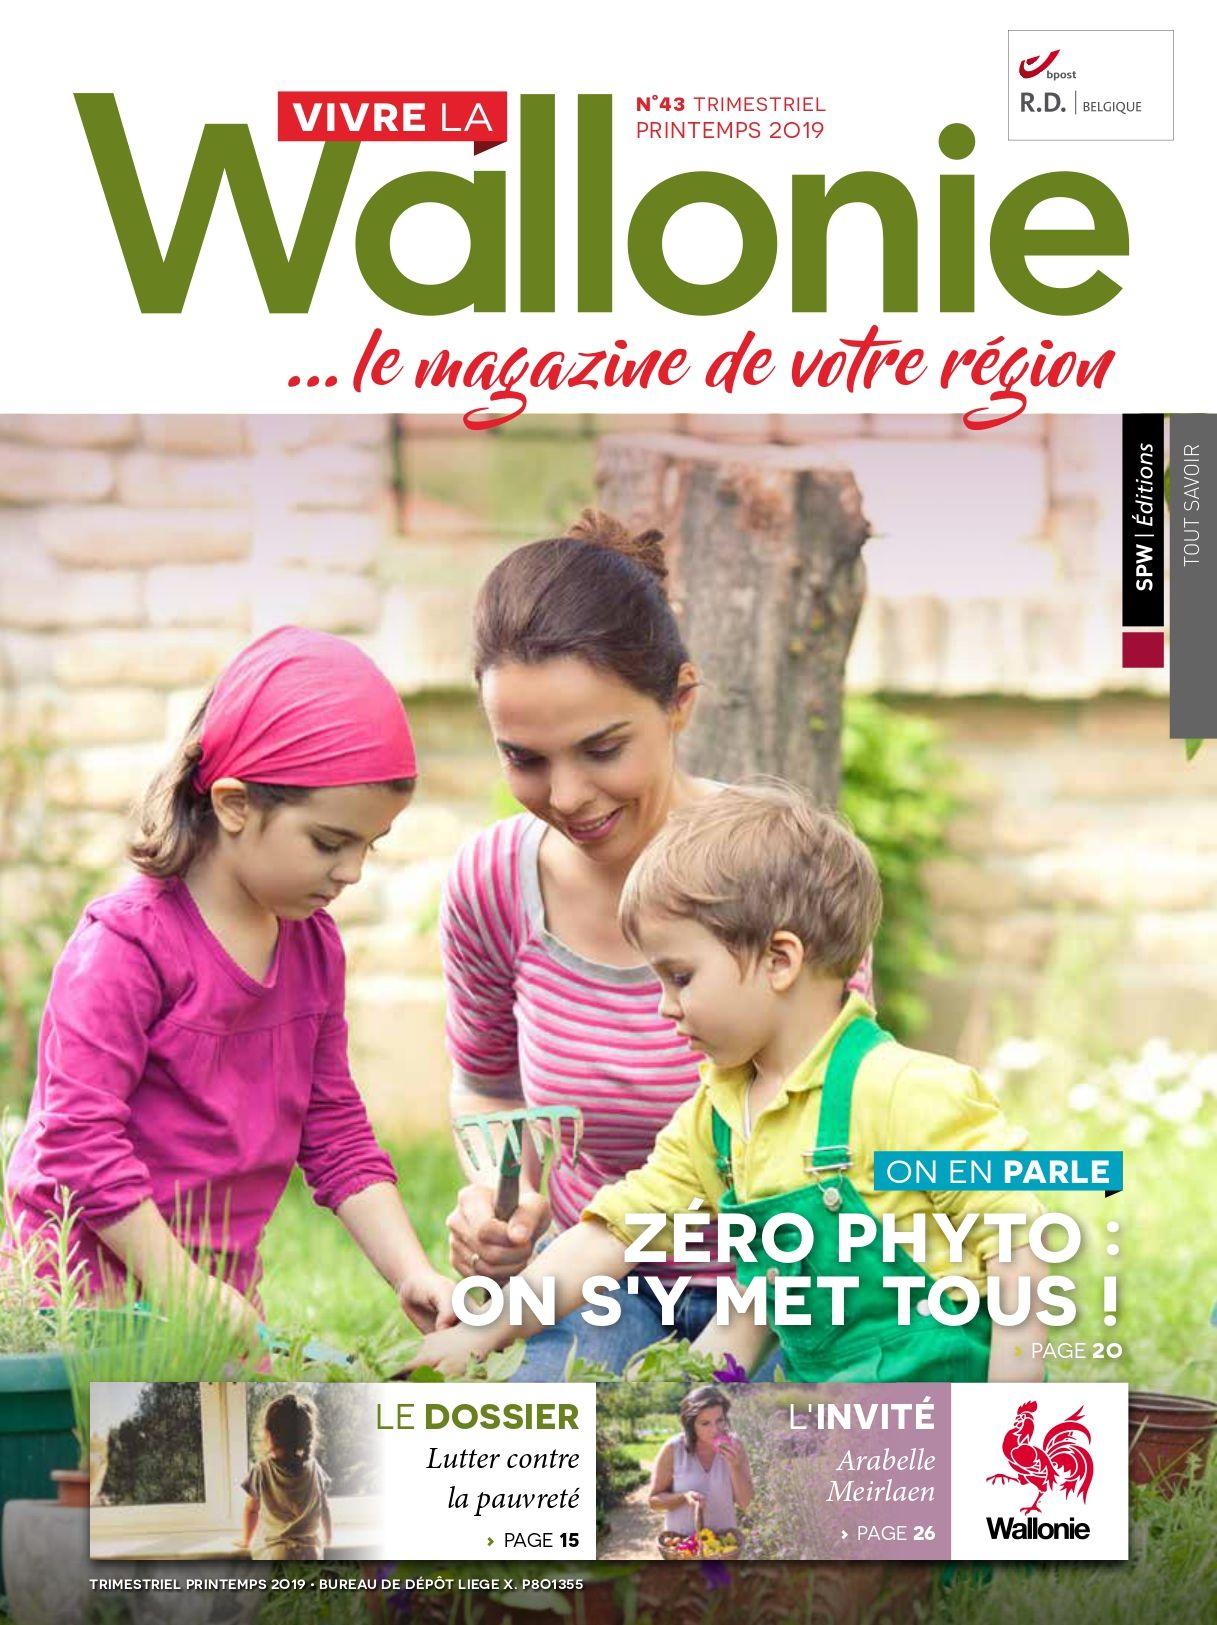 Vivre la Wallonie 43